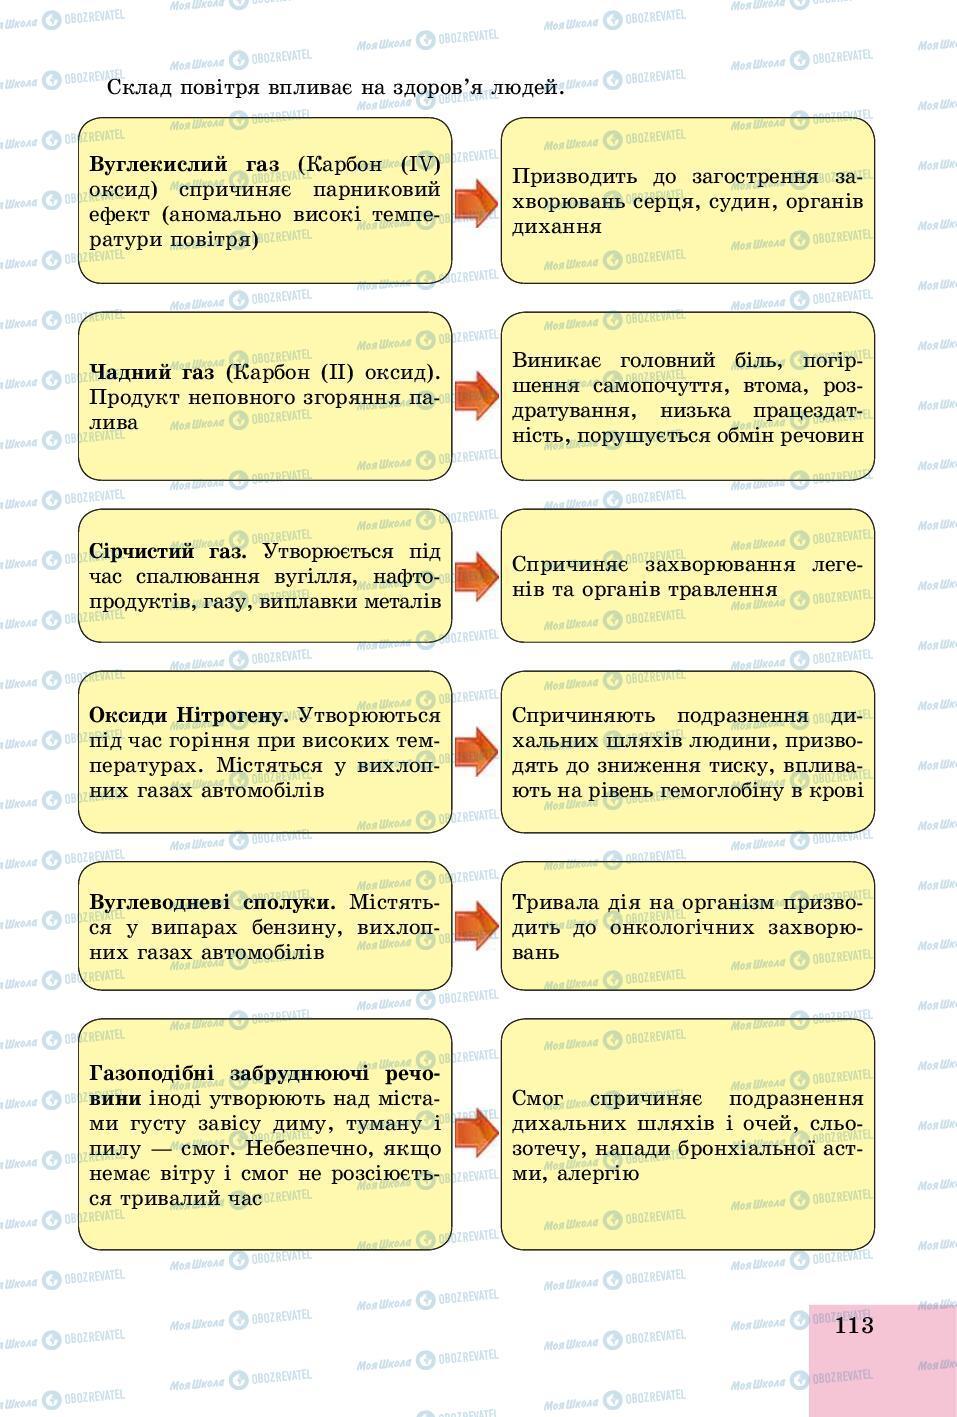 Учебники Основы здоровья 8 класс страница 113